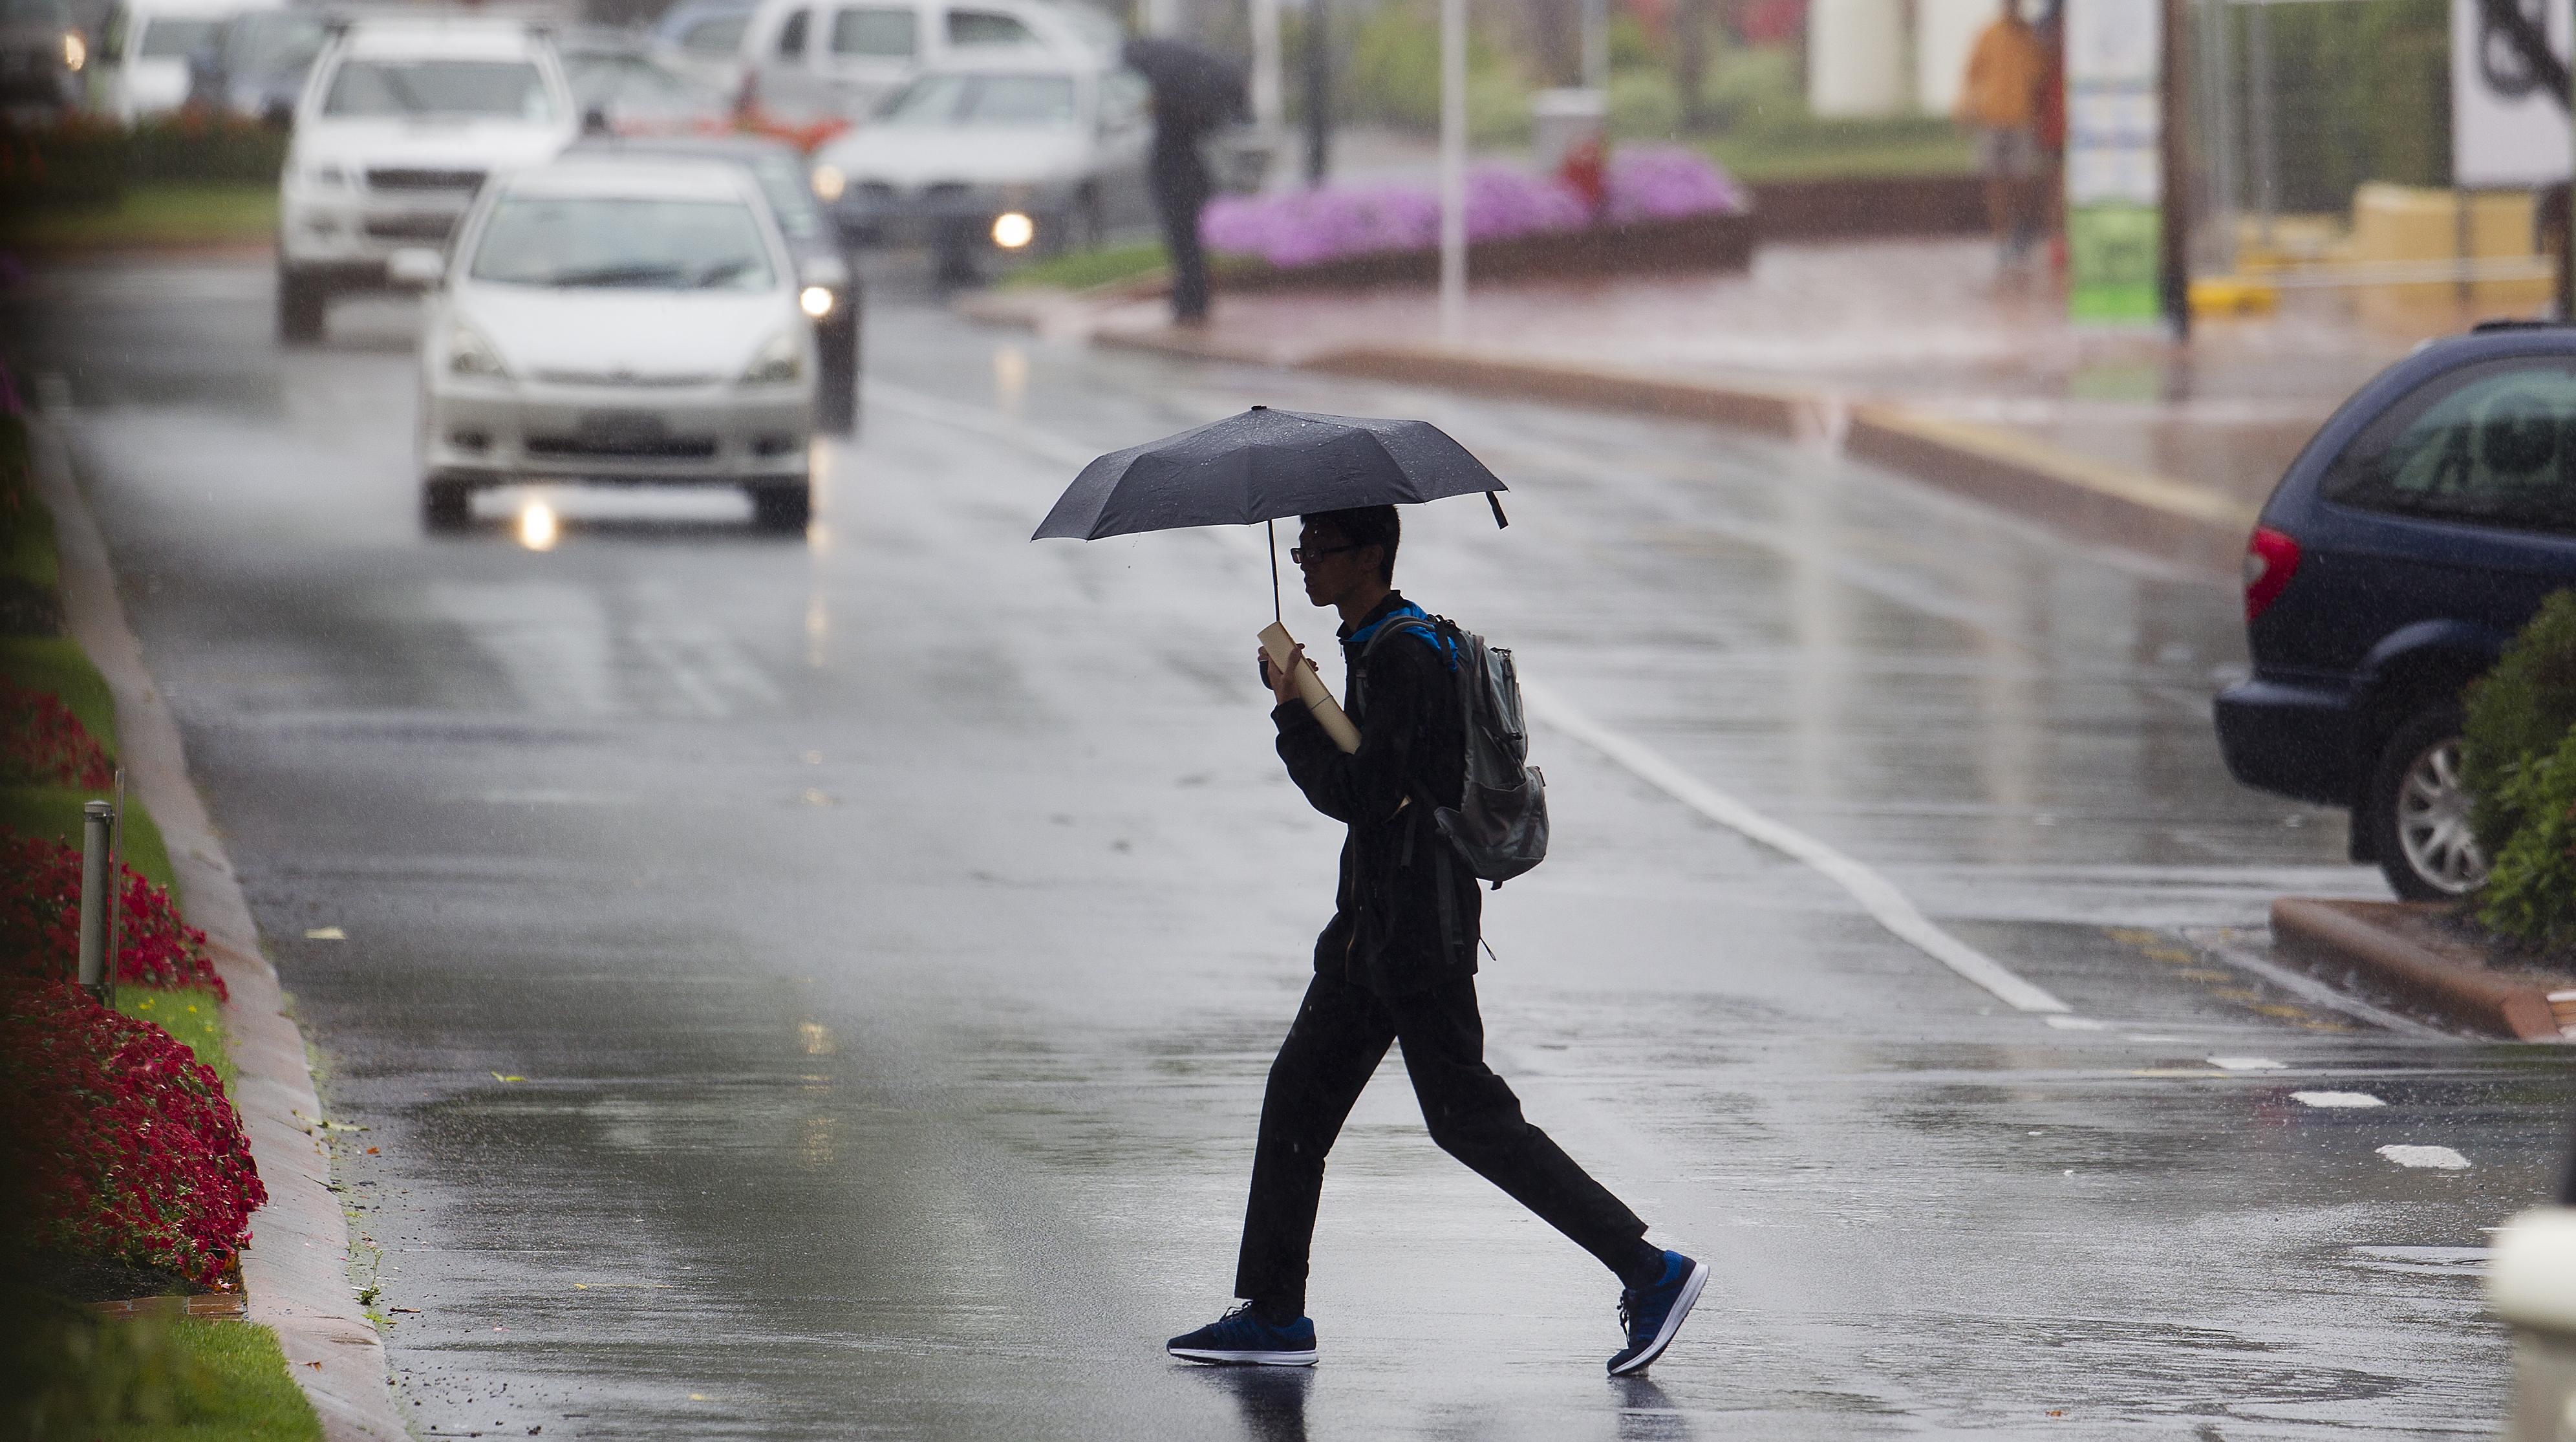 Incluso la lluvia ligera aumenta el riesgo de un accidente automovilístico mortal